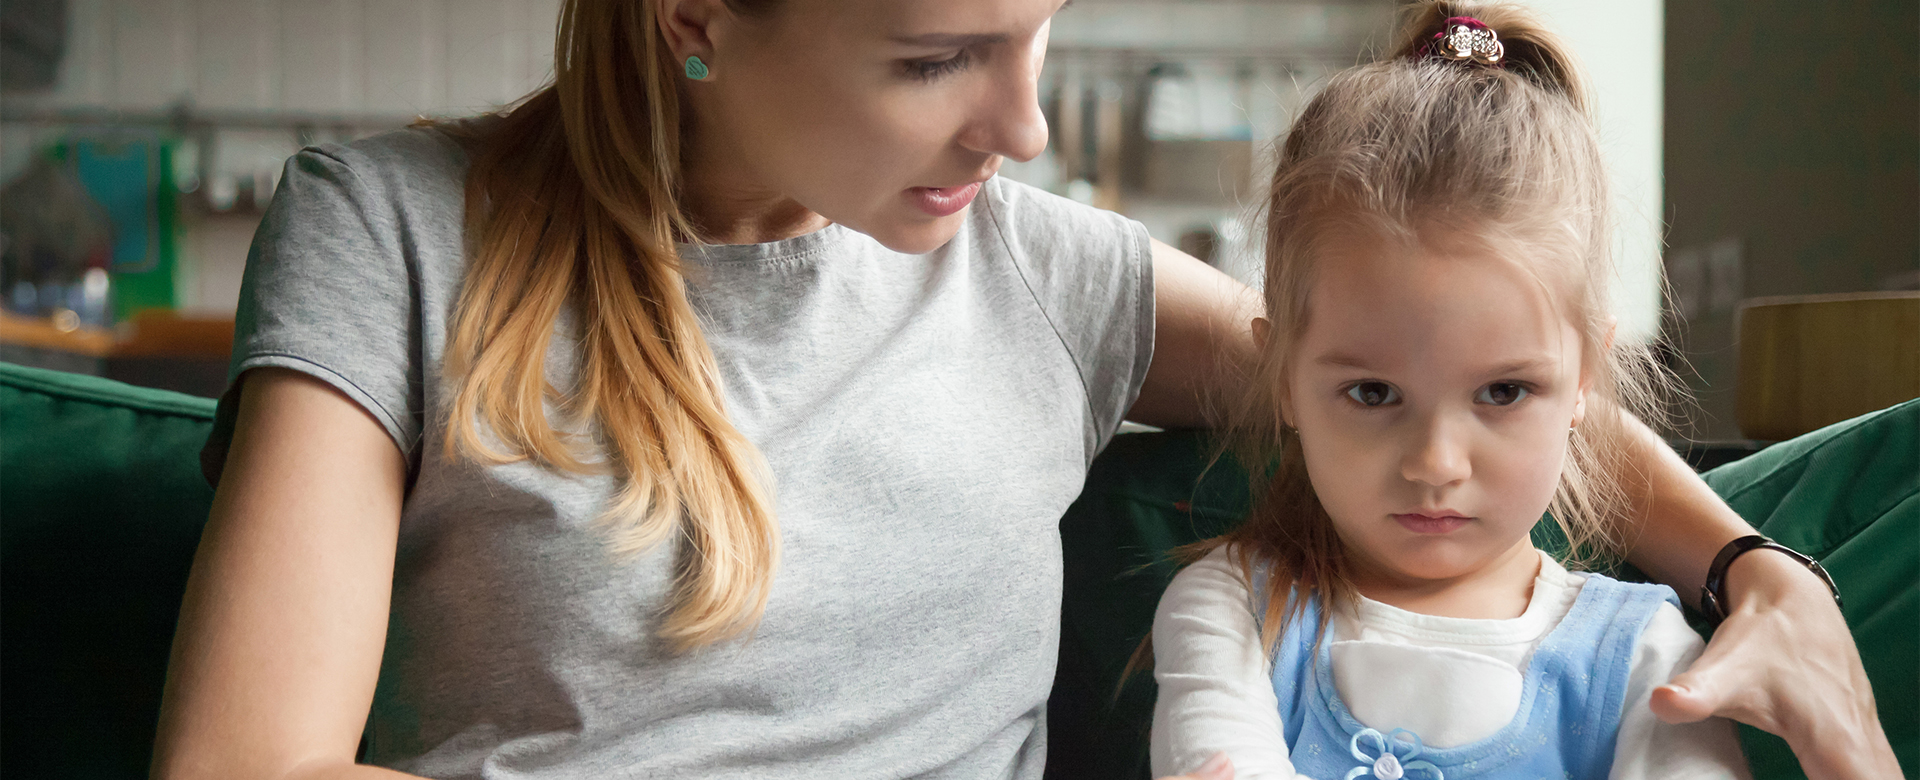 Une conférence pour mieux comprendre nos enfants